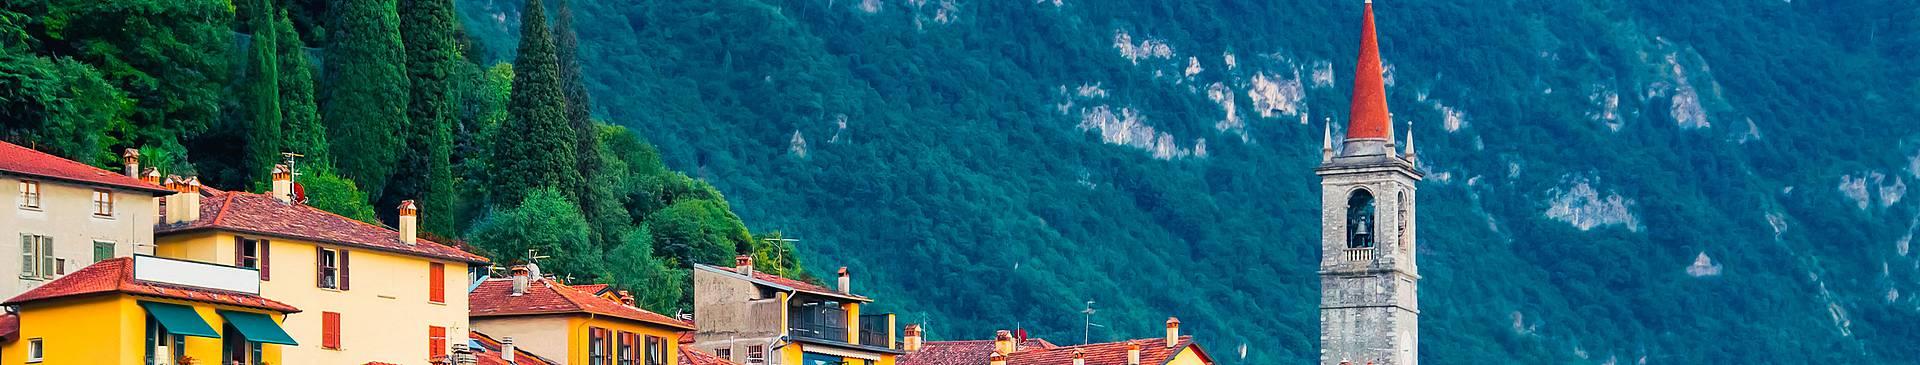 Une semaine en Italie